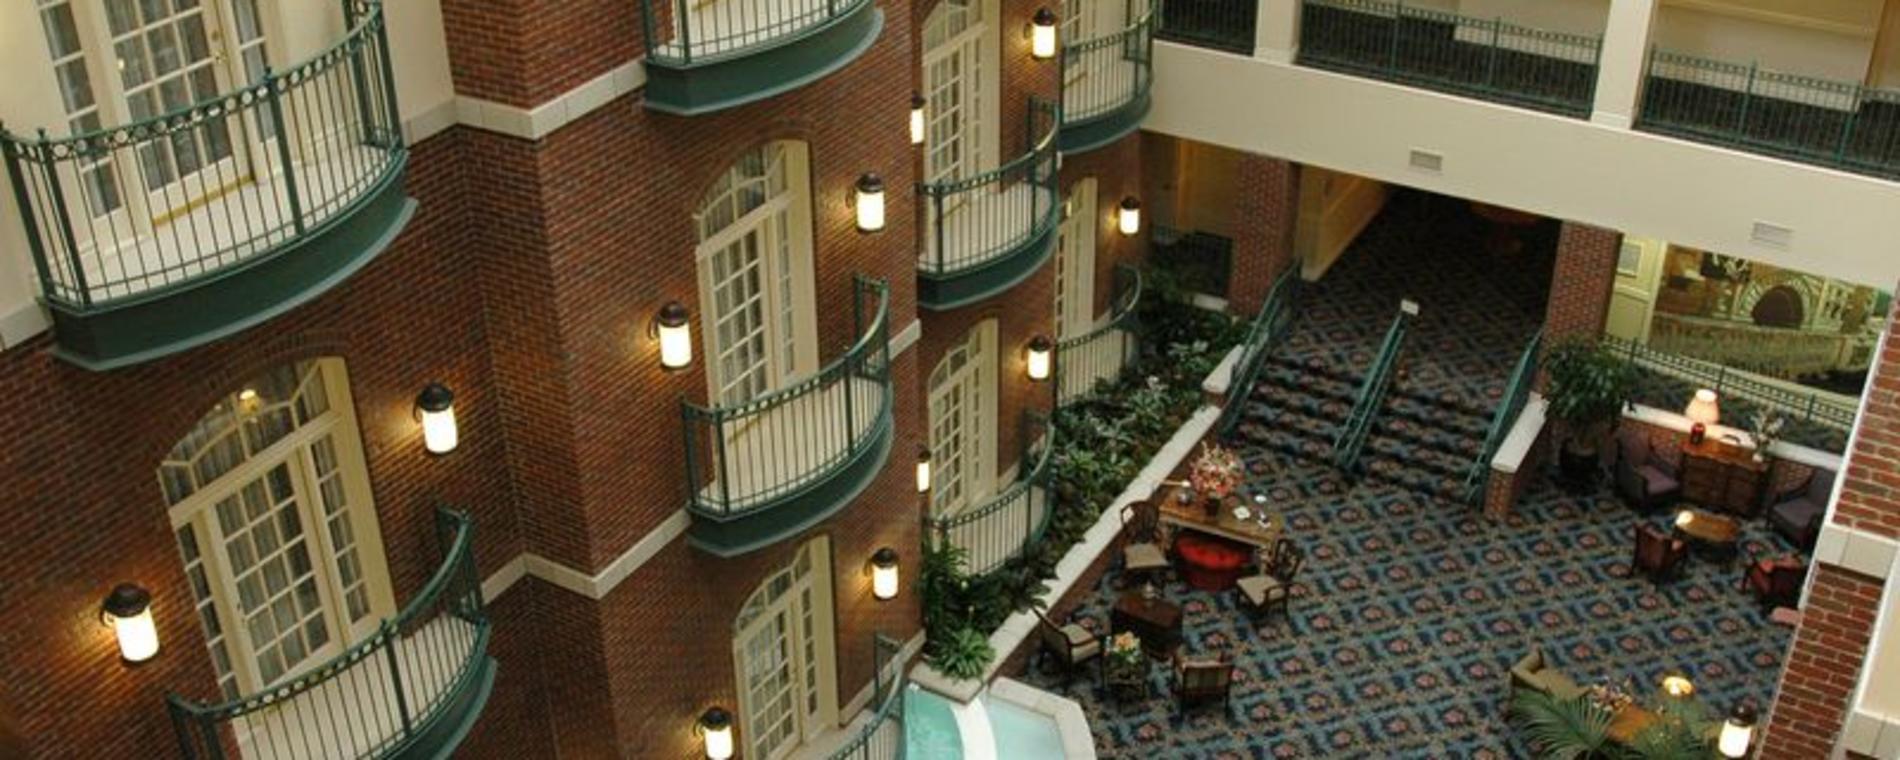 Atrium at Hotel at Old Town